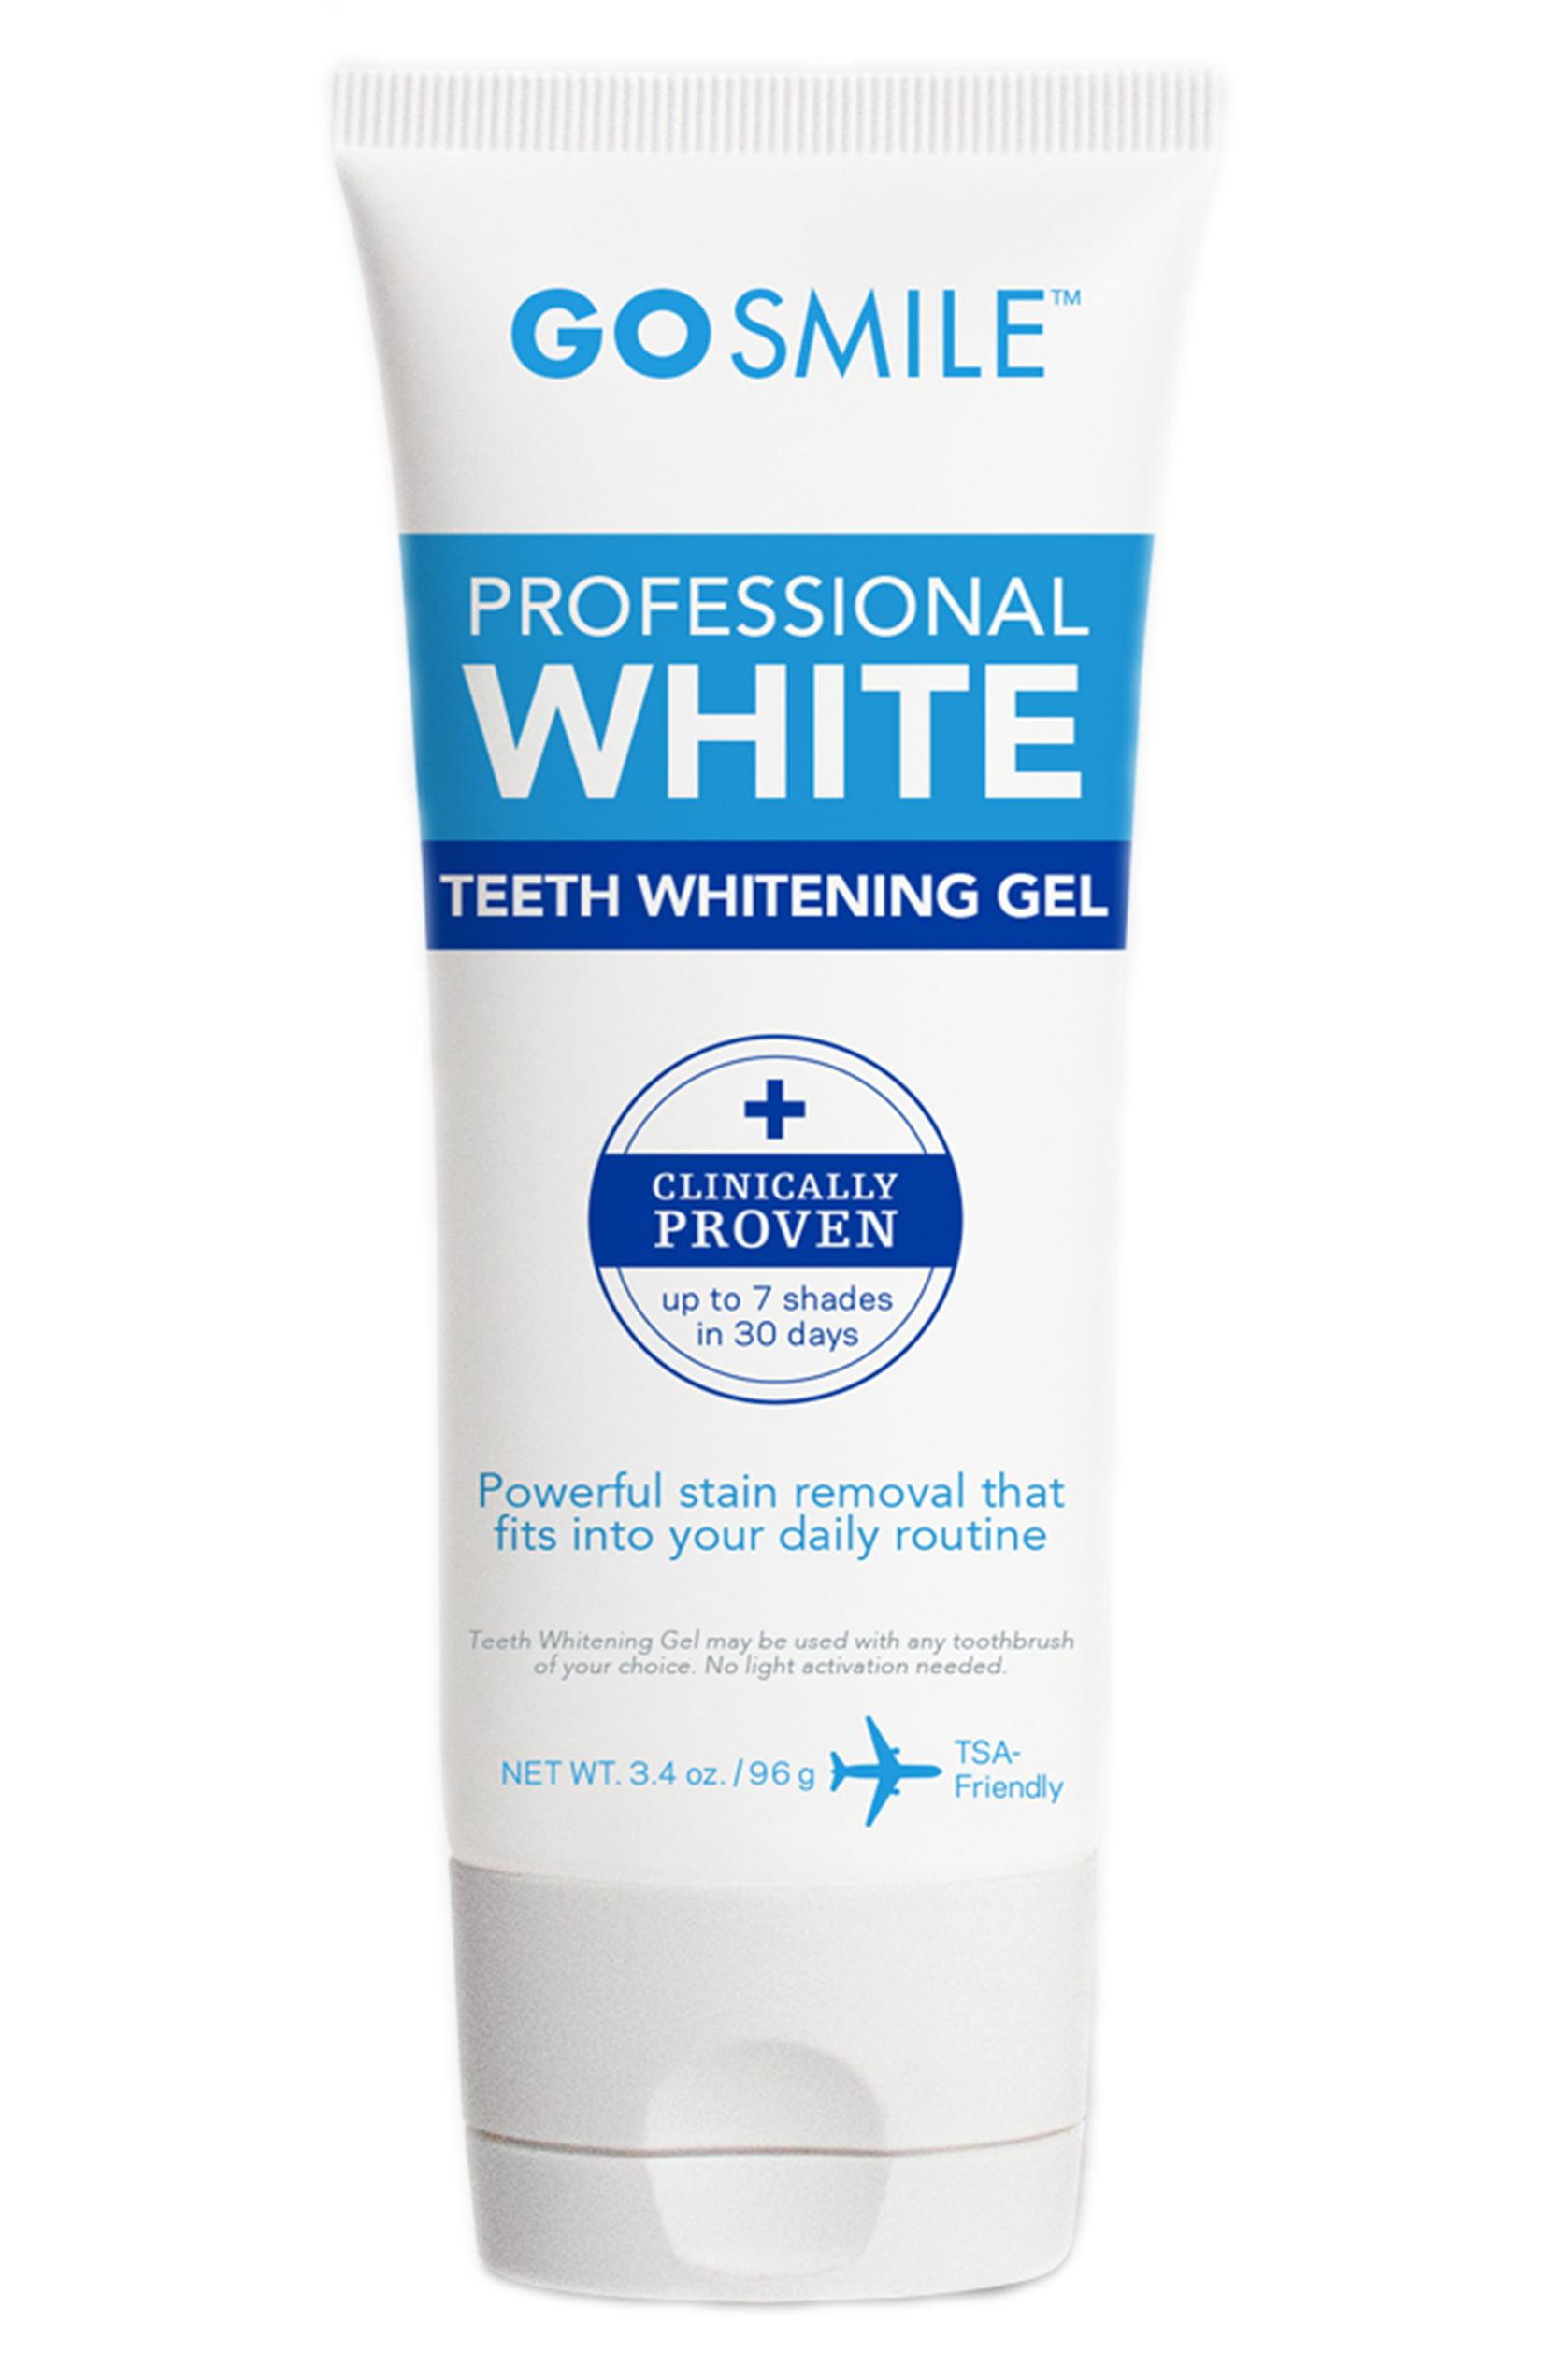 go smile whitening gel